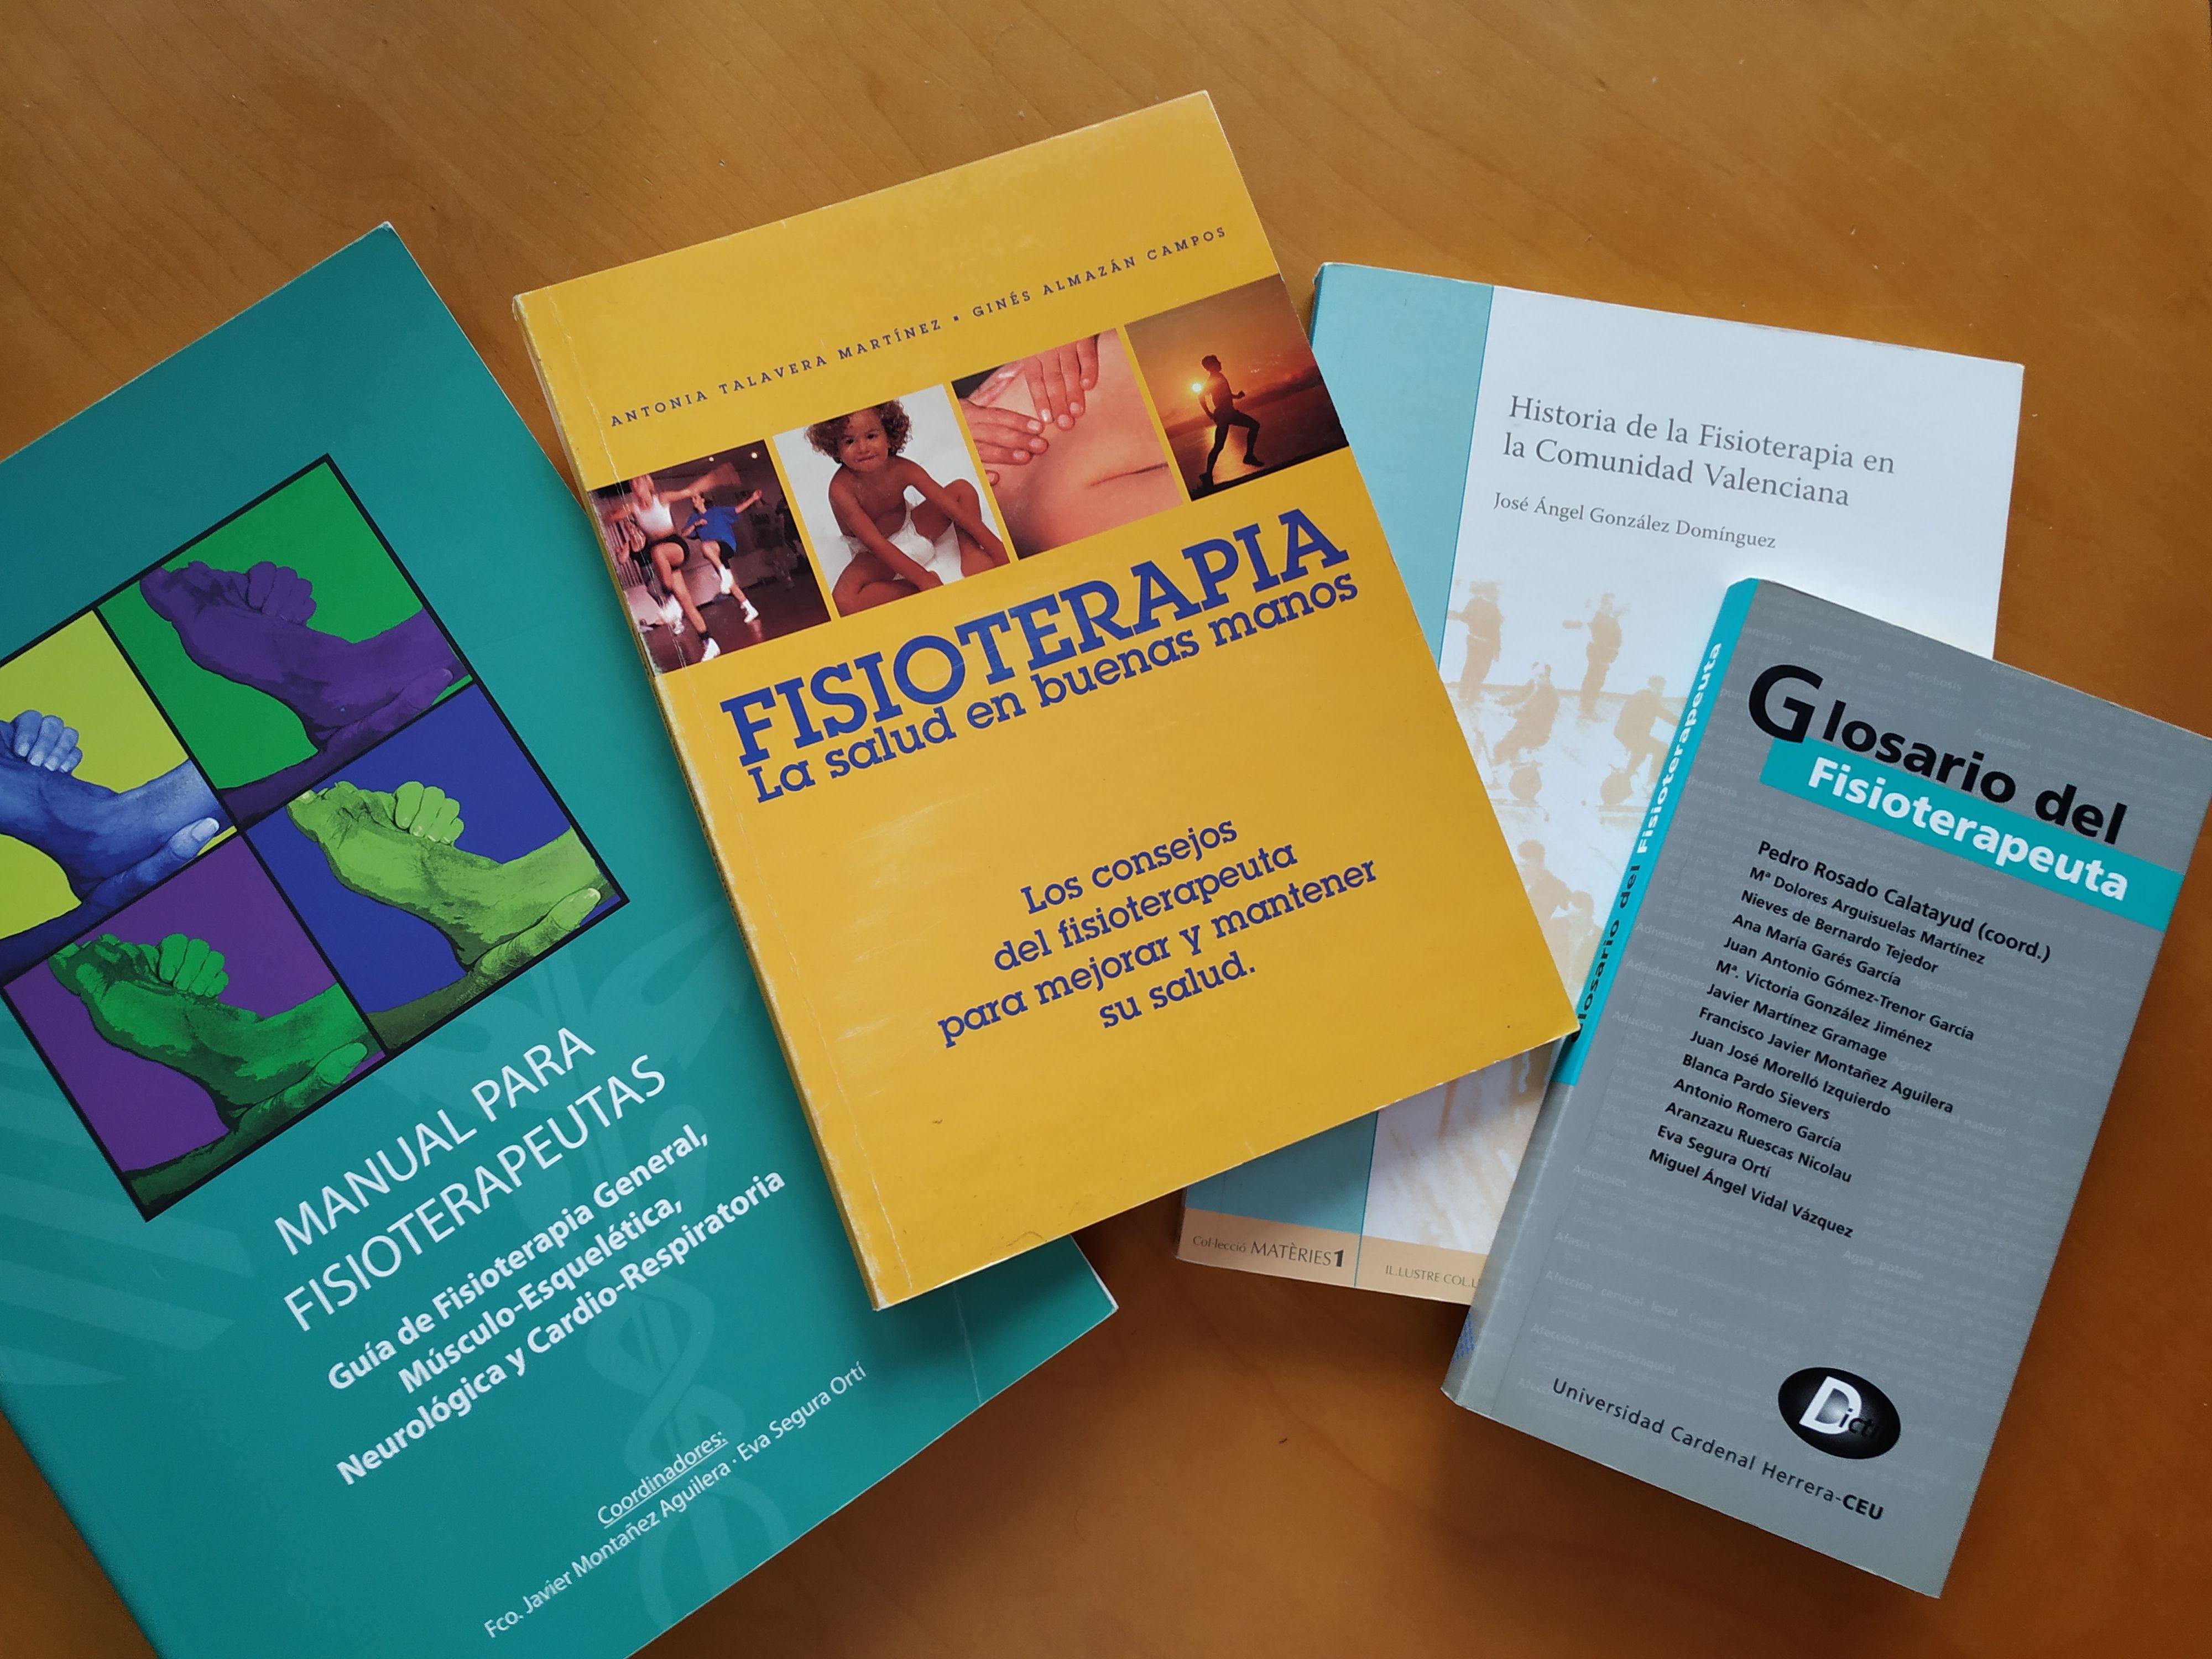 Celebremos el Día del Libro leyendo Fisioterapia